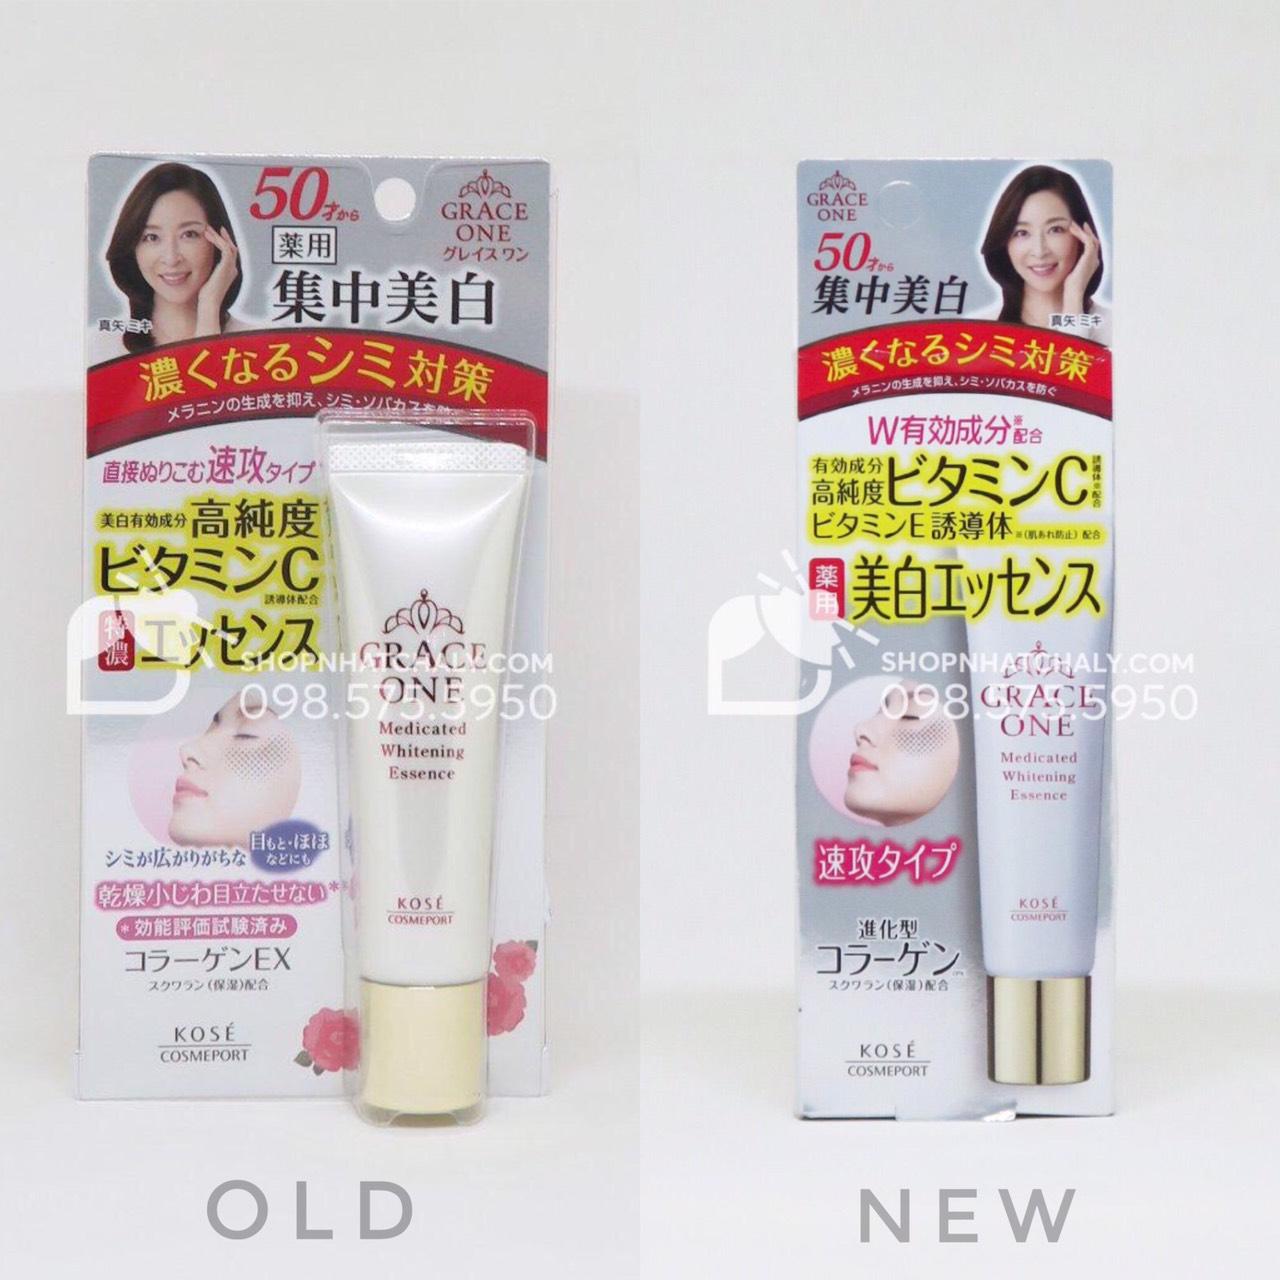 Sản phẩm siêu hot serum trị nám của Nhật Bản Kose Grace One U50 mẫu mới 2019 (phải) và mẫu cũ 2018 (trái)